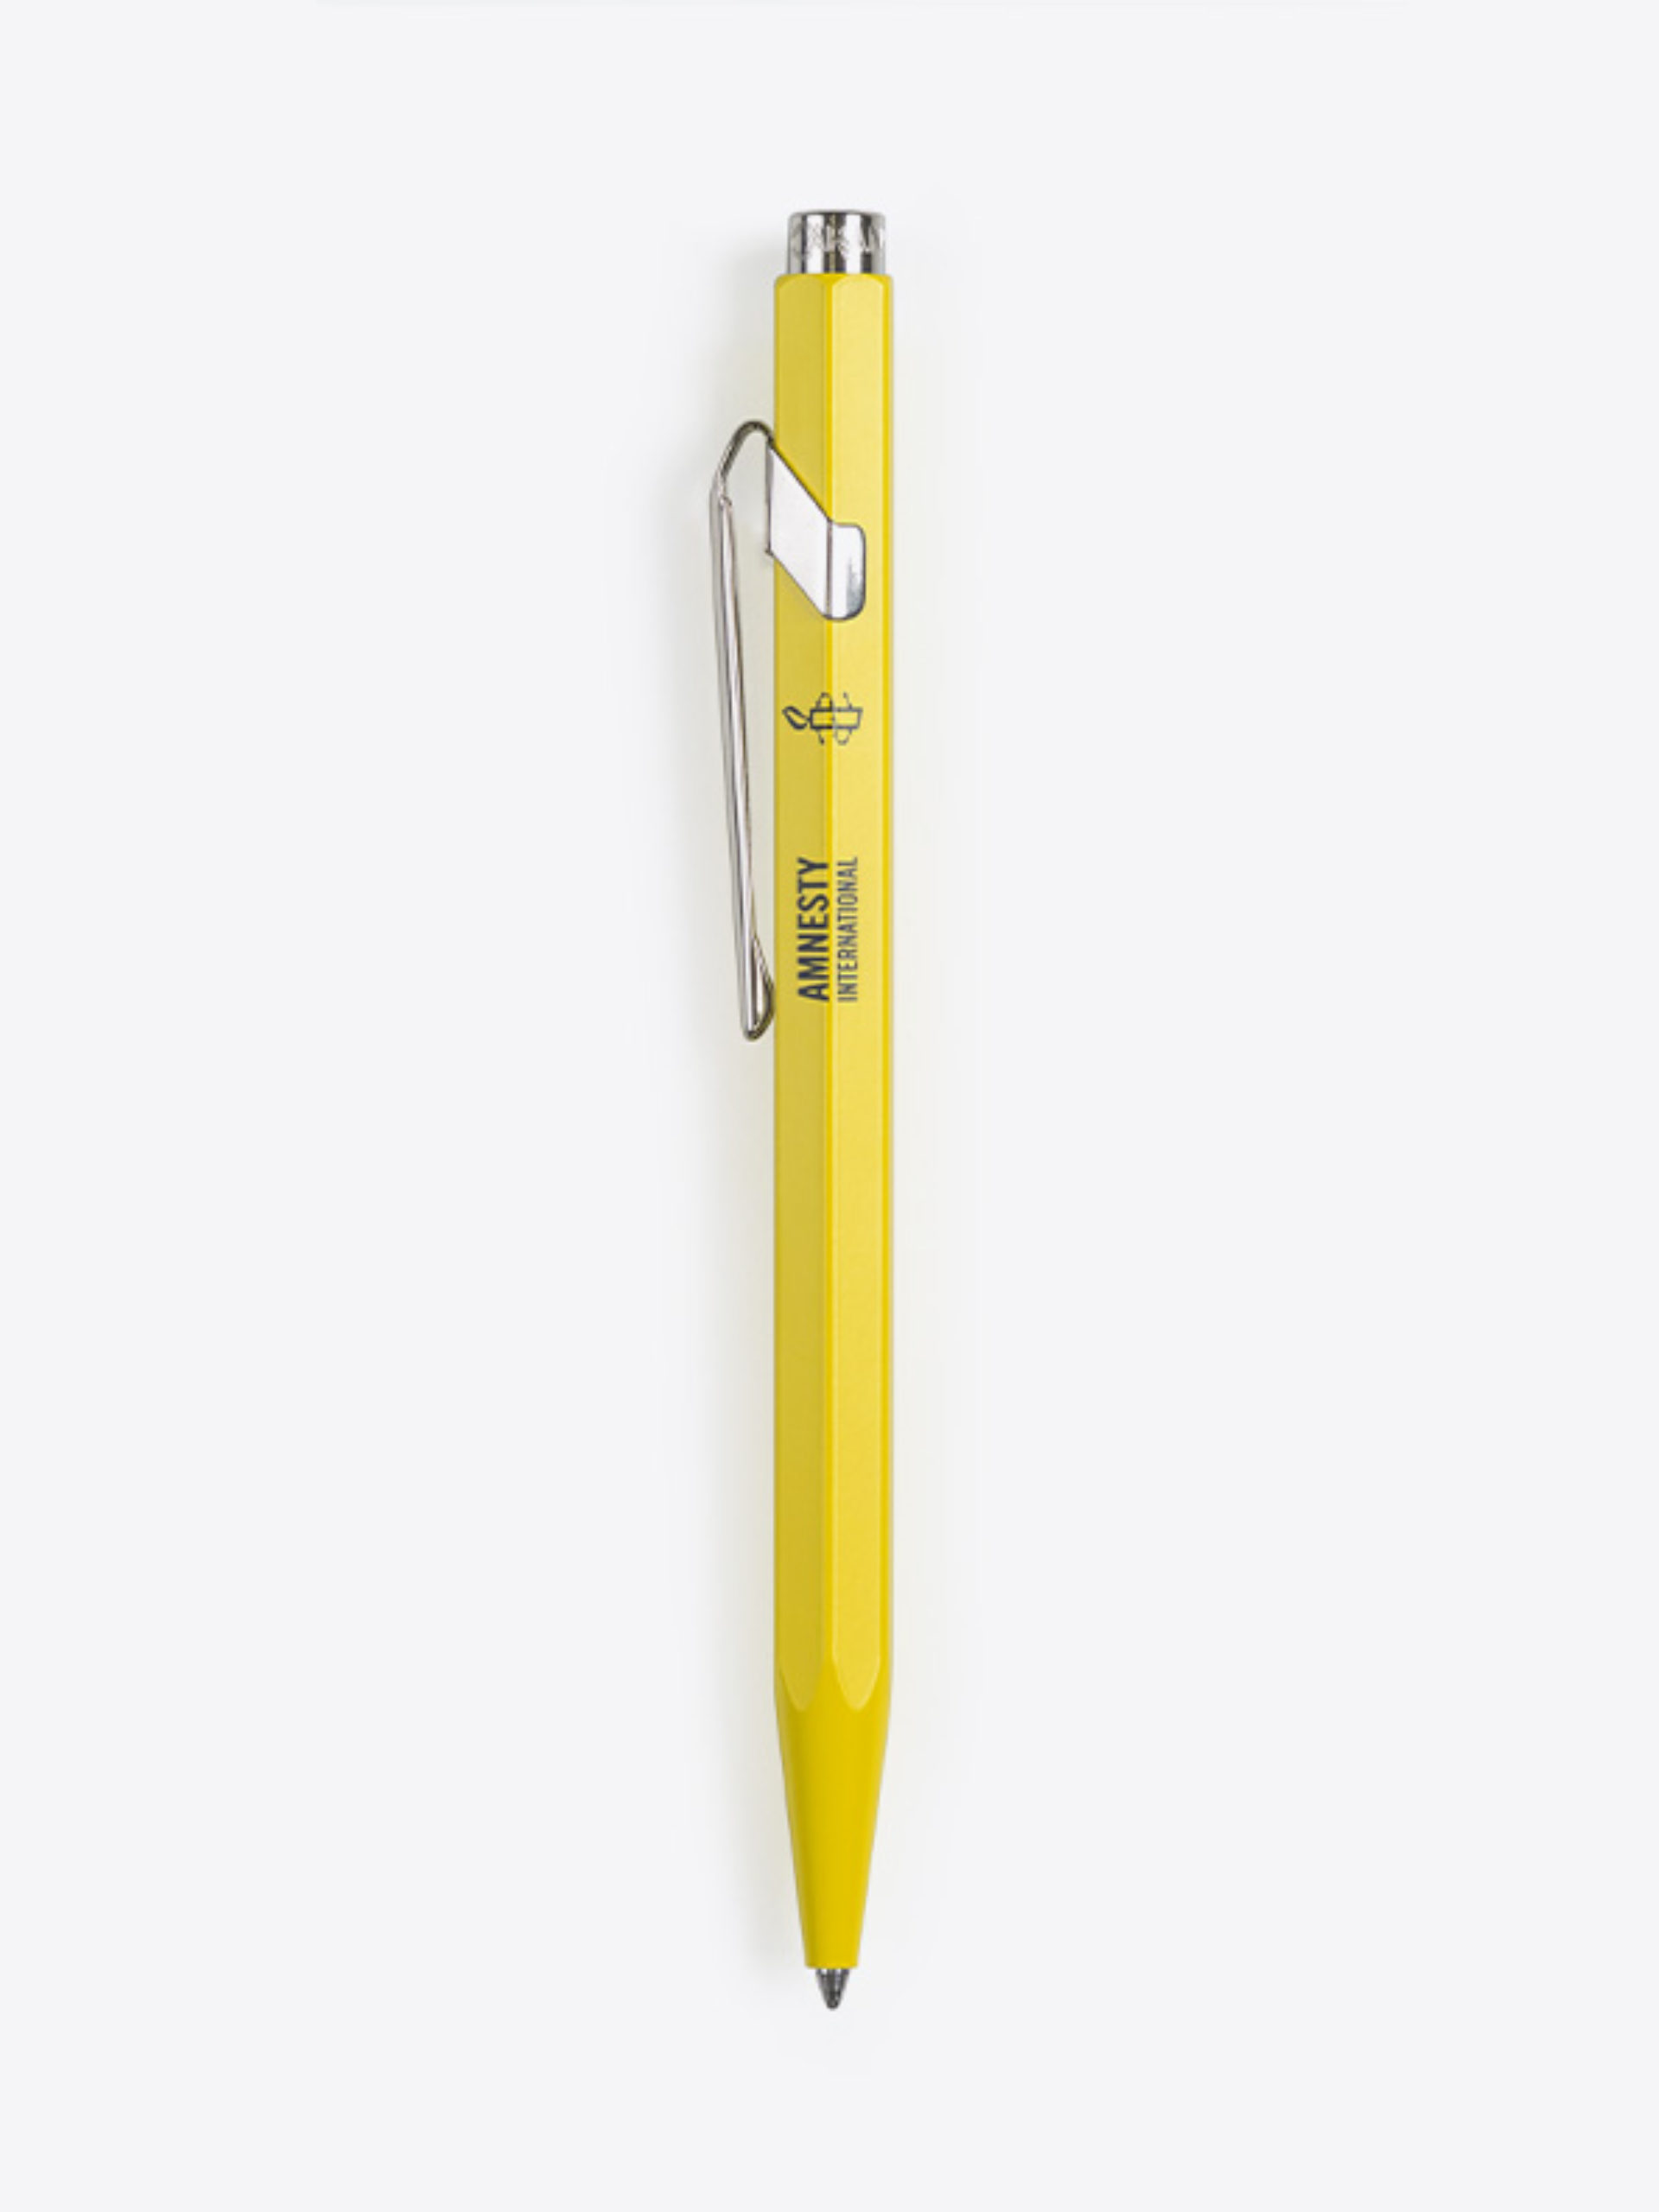 Kugelschreiber 849 Caran Dache Beschriften Amnesty